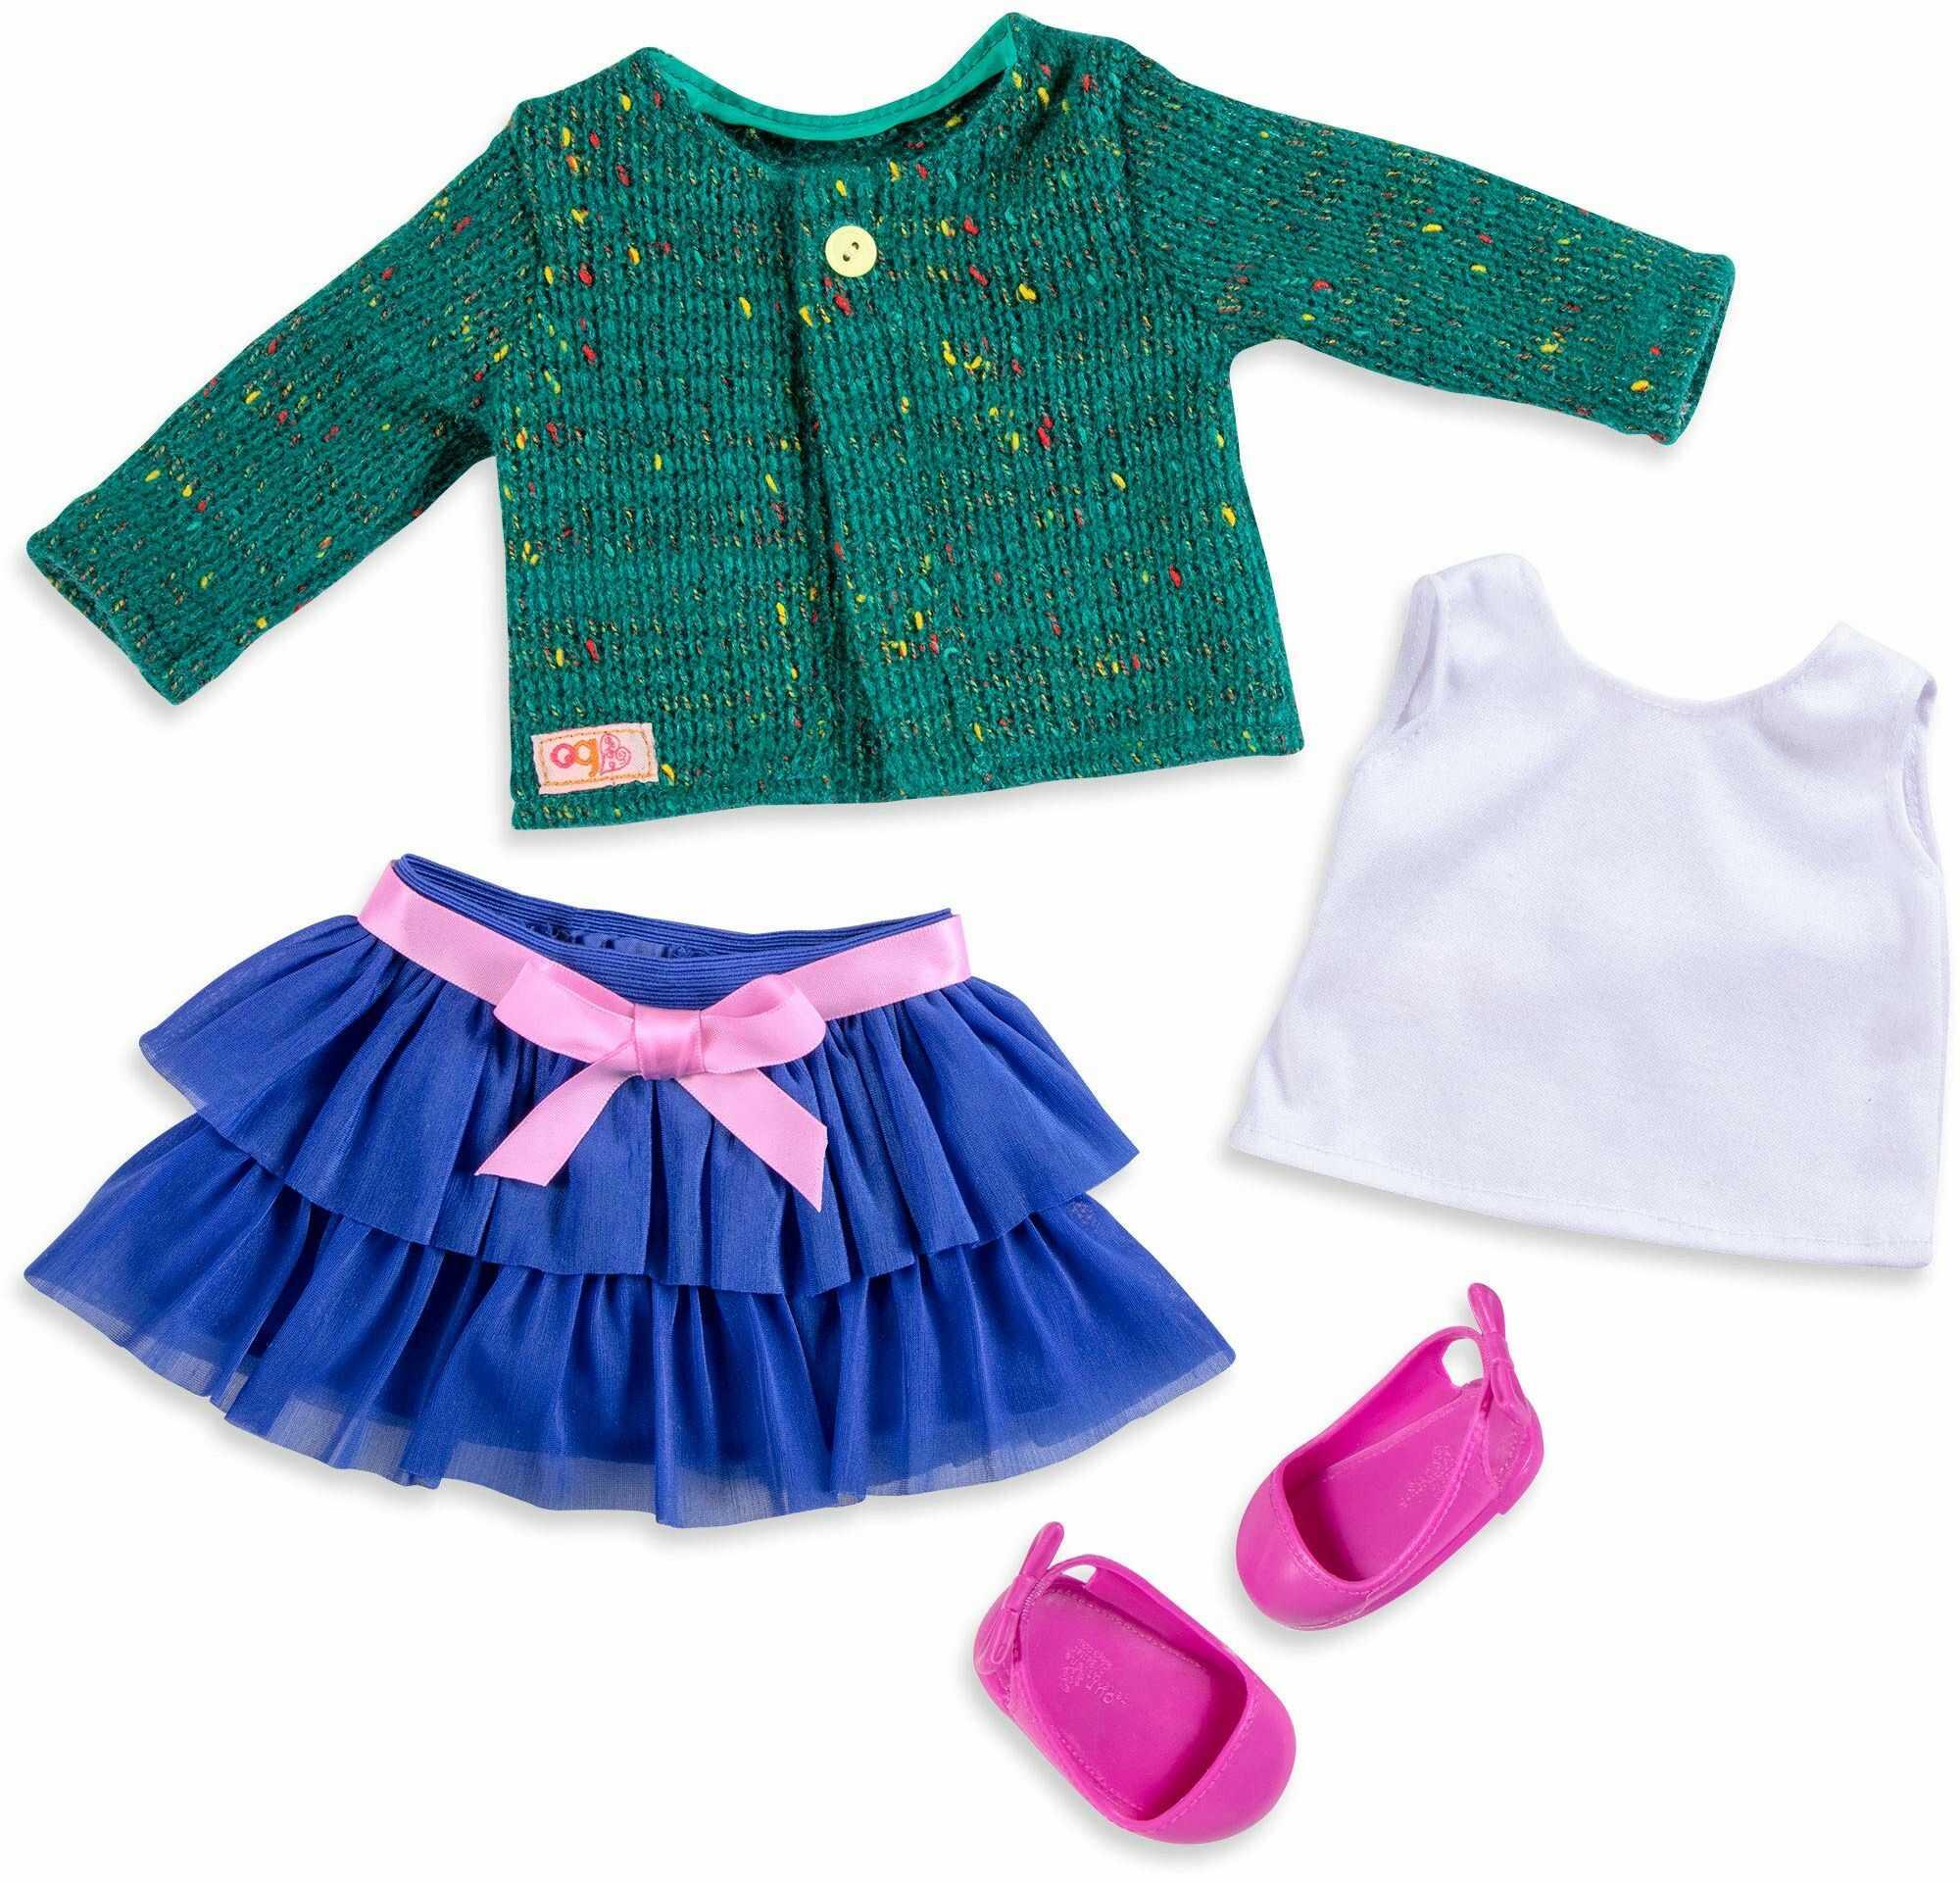 buty; ubrania; odzież; nasza; generacja; akcesoria; lalek; lalka